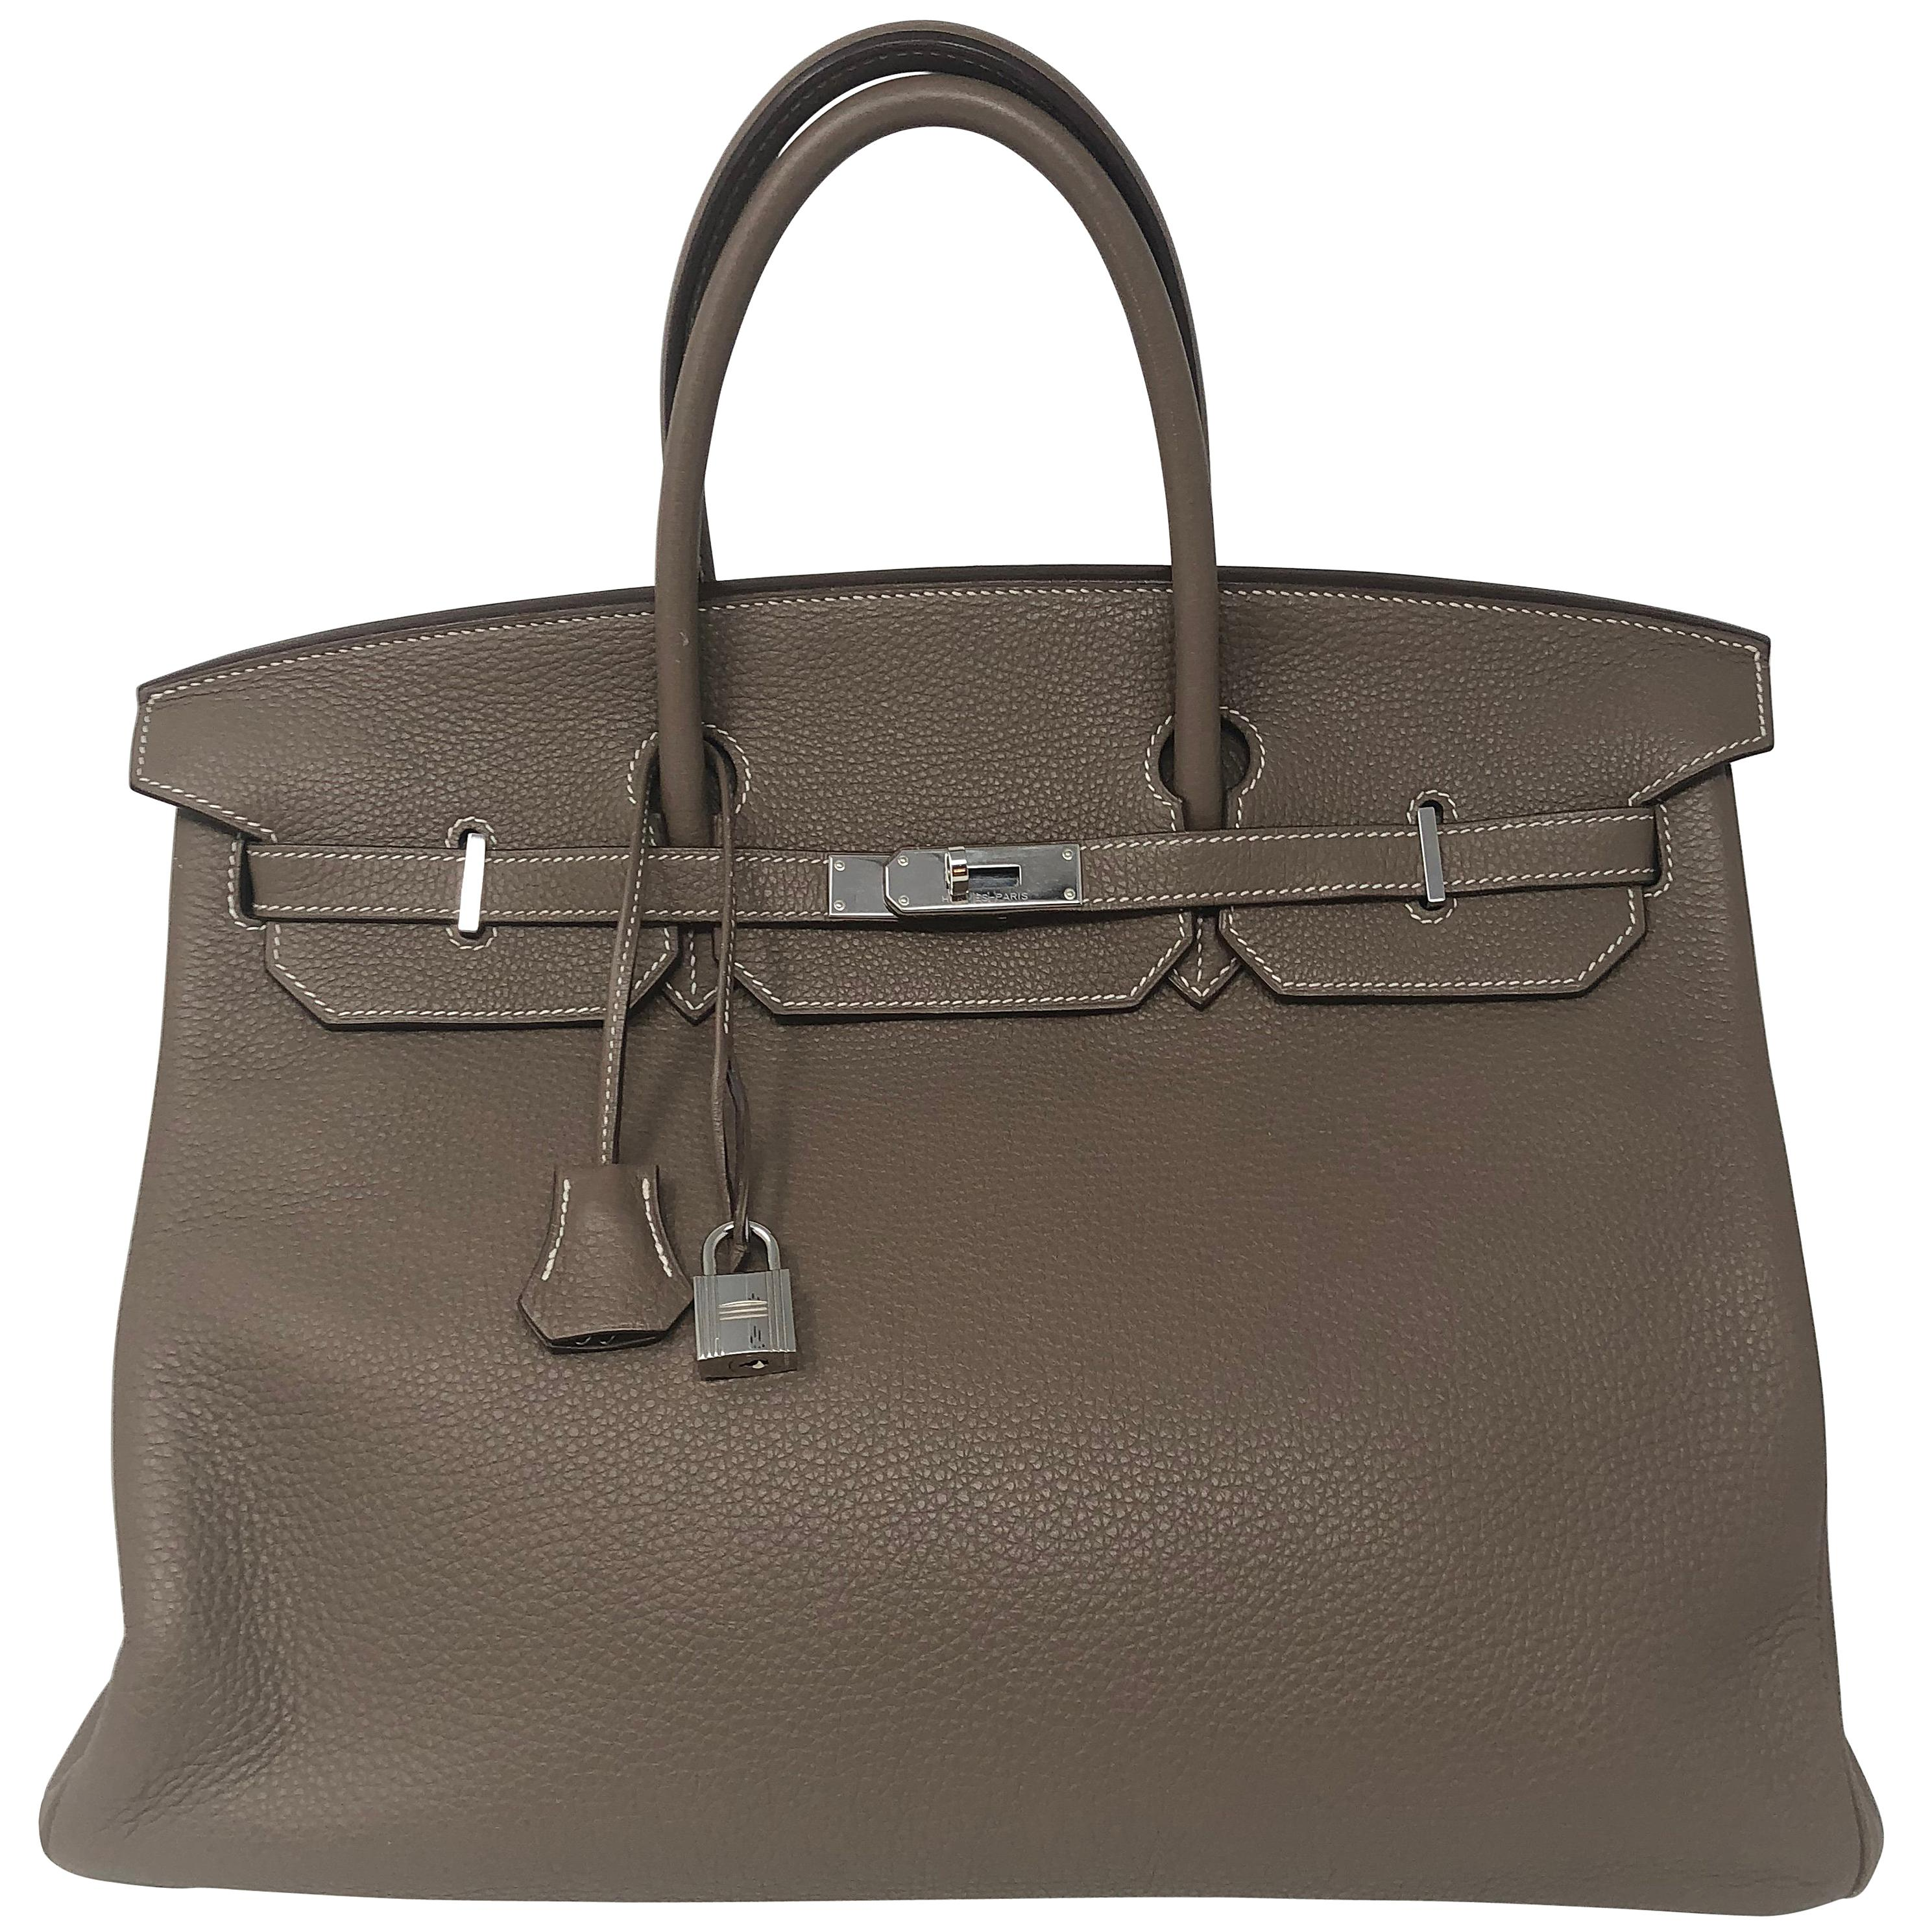 Hermes Birkin 40 Etoupe Togo Leather